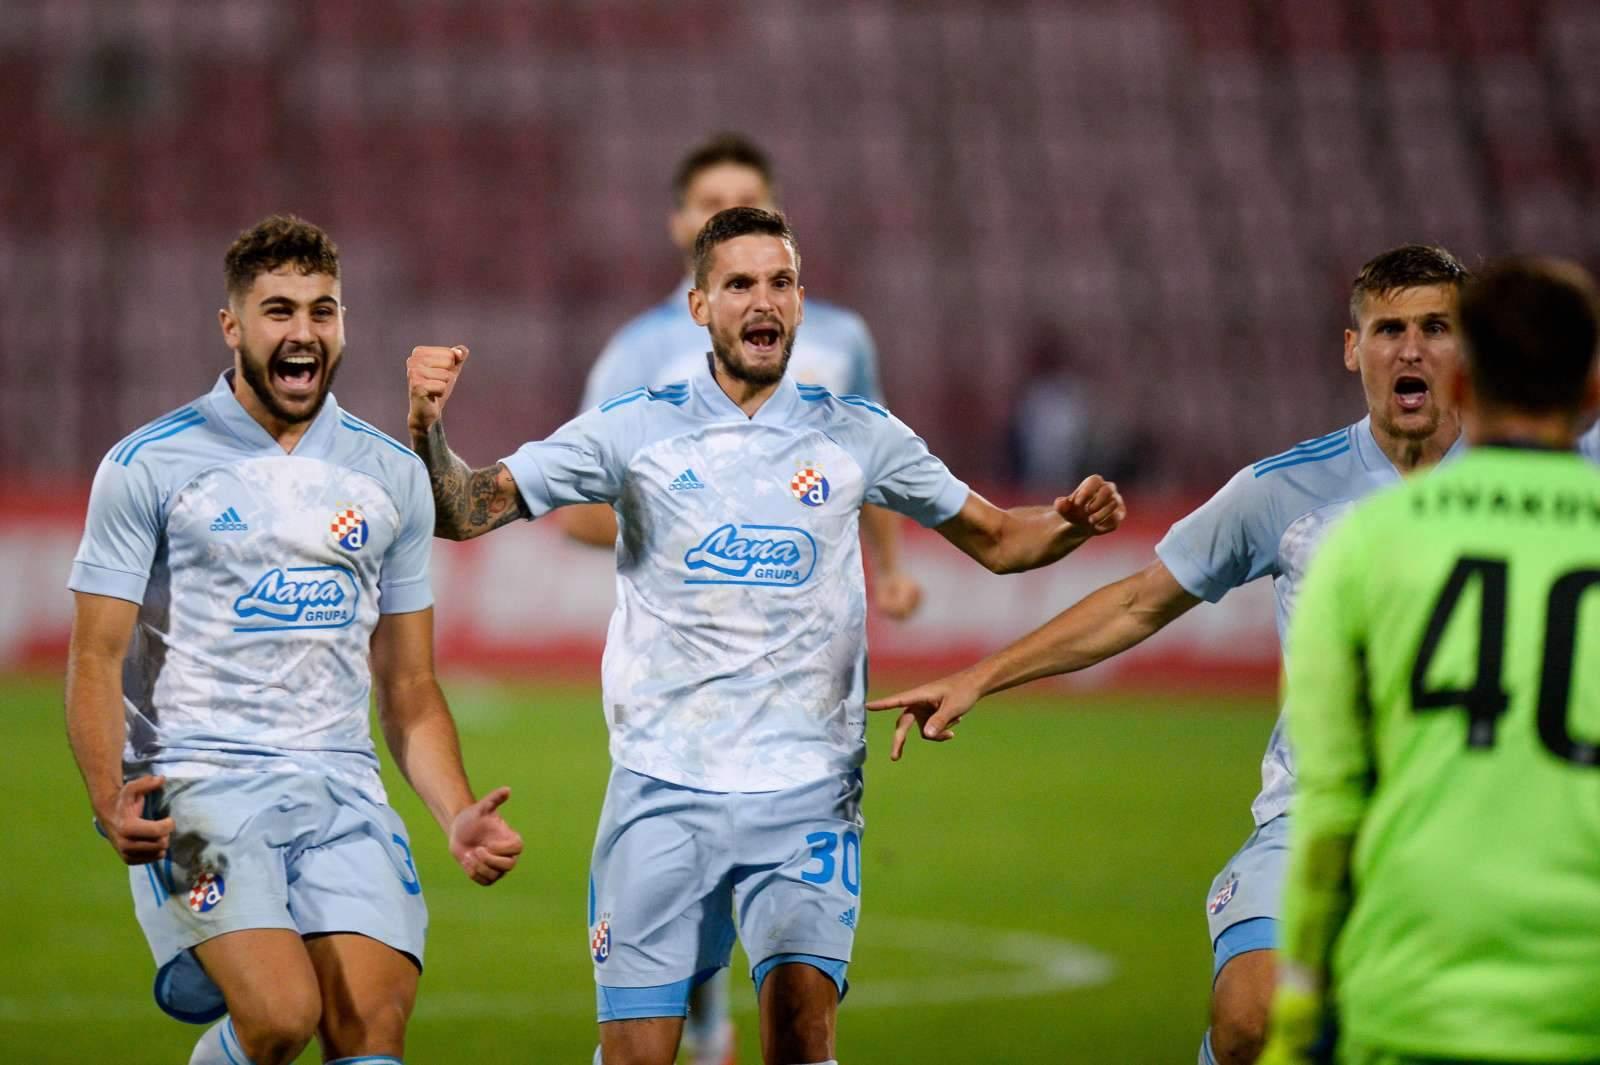 ЦСКА снова пропустил от загребского «Динамо», счёт вовсе мог быть разгромным